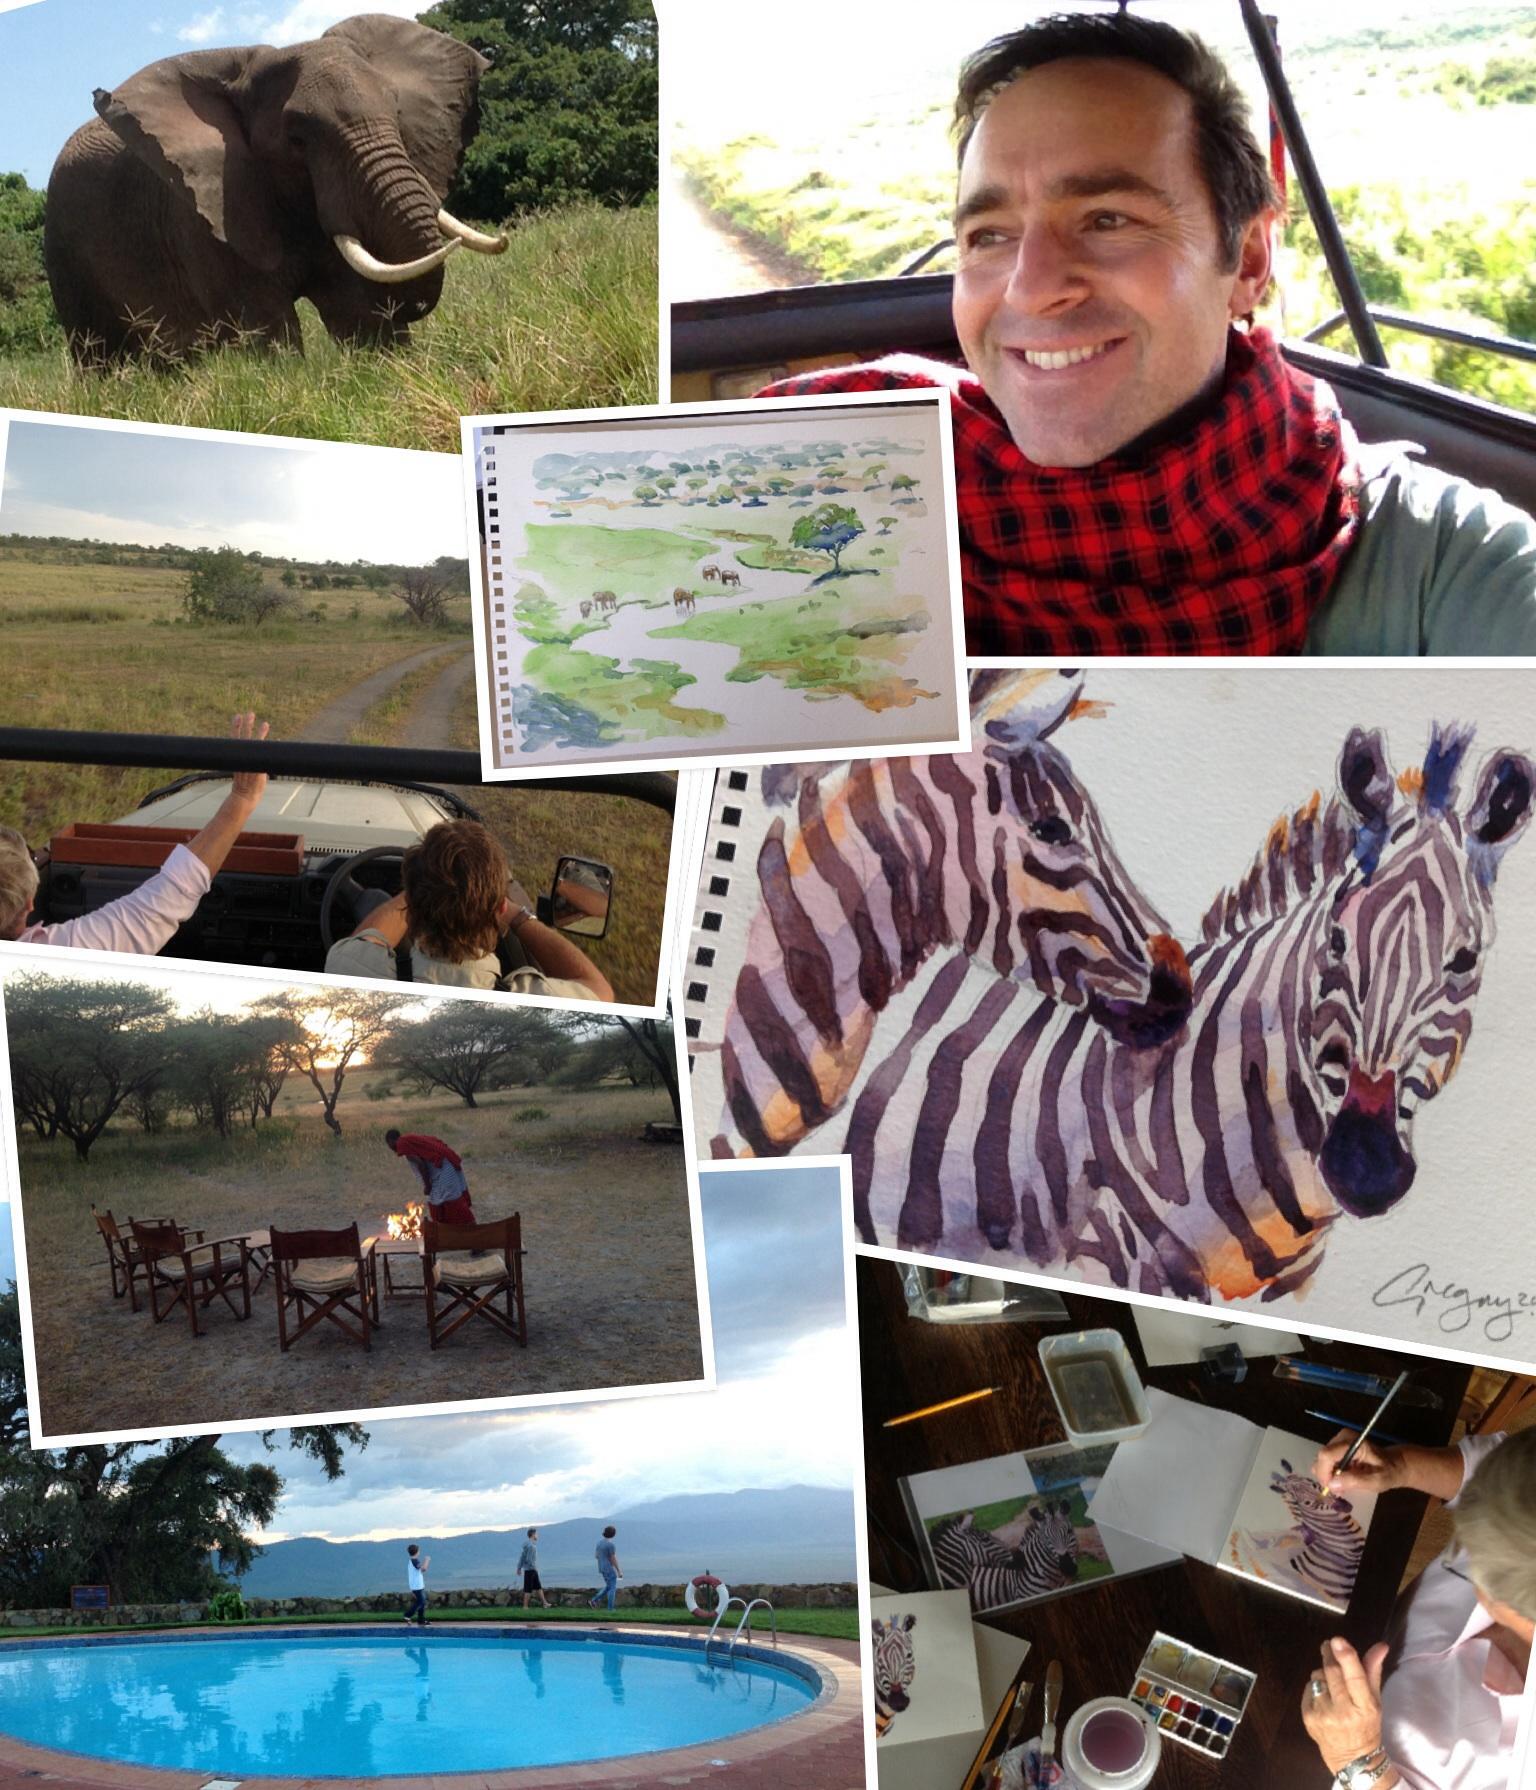 Quick art safari collage test